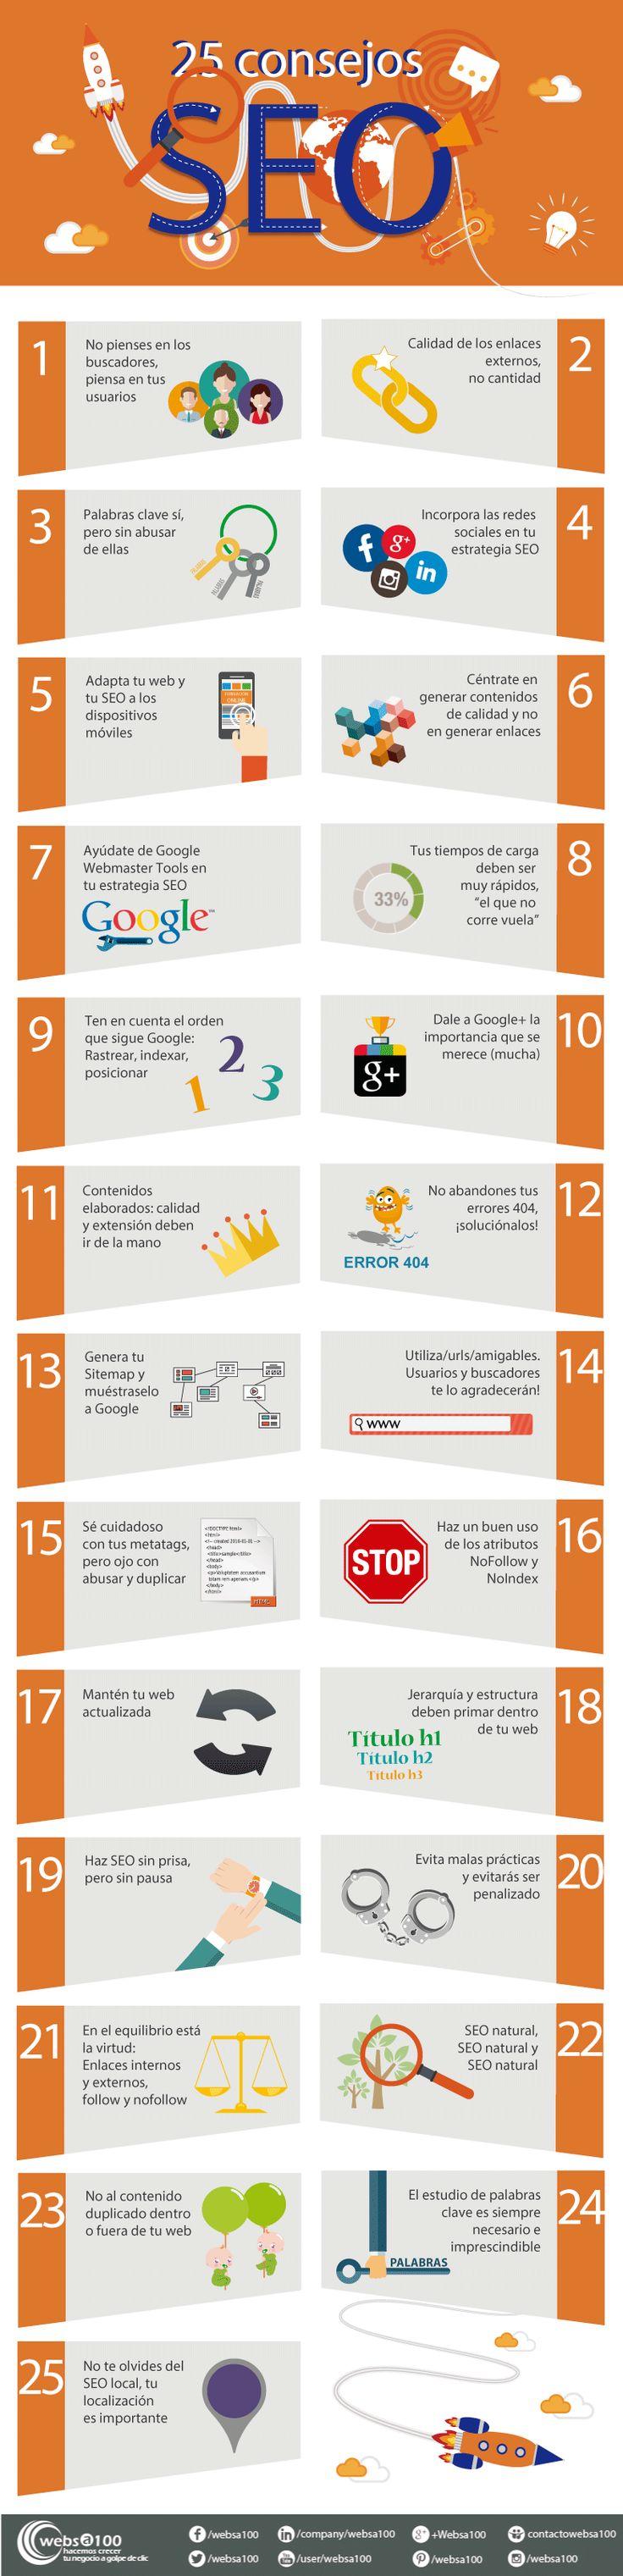 infografia-consejos-SEO.png (778×3216)